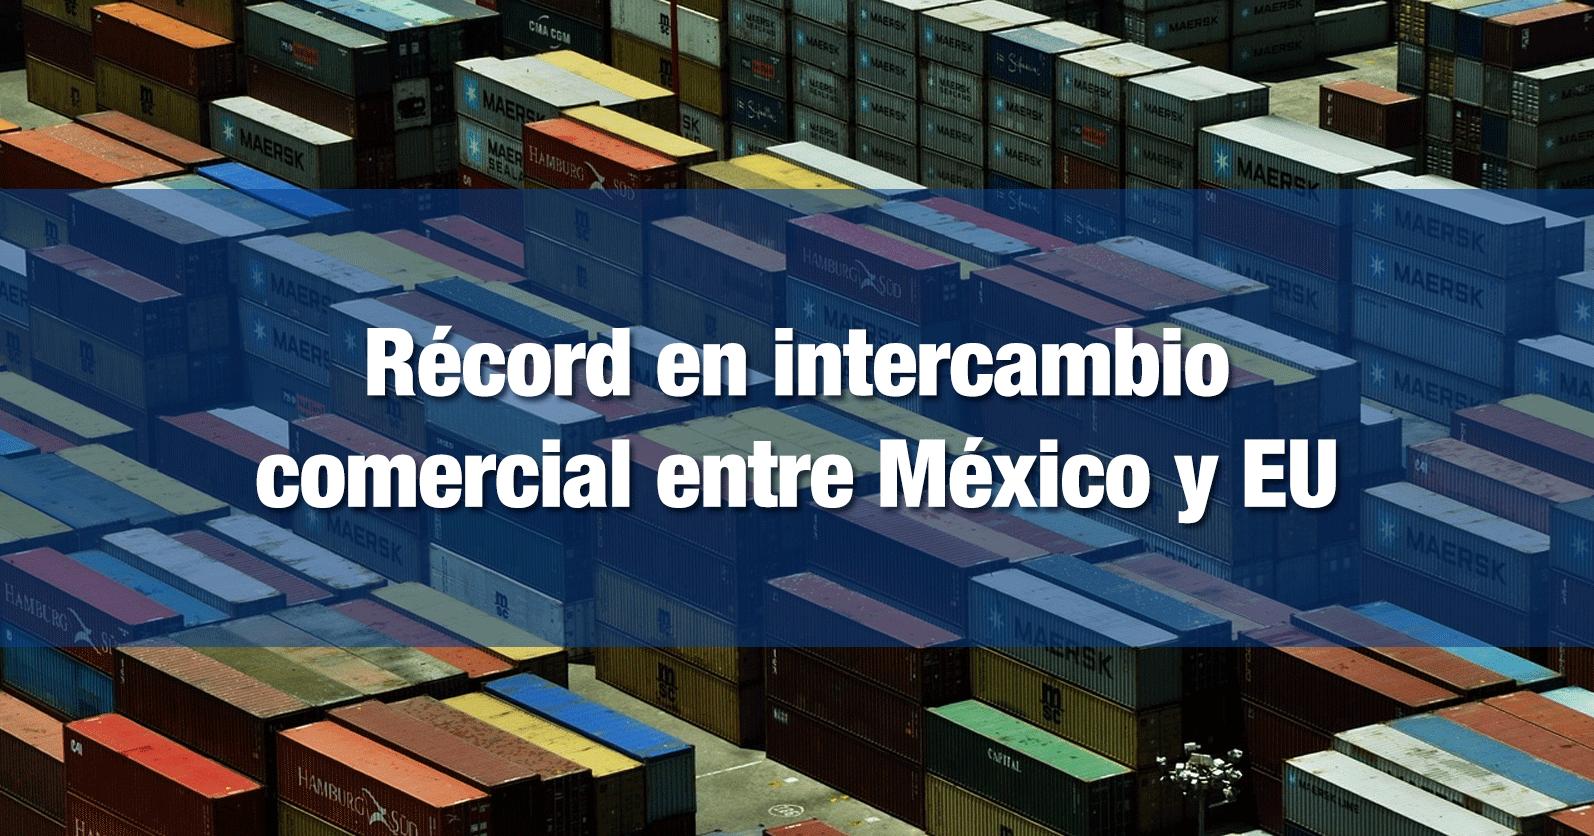 Récord en intercambio comercial entre México y EU